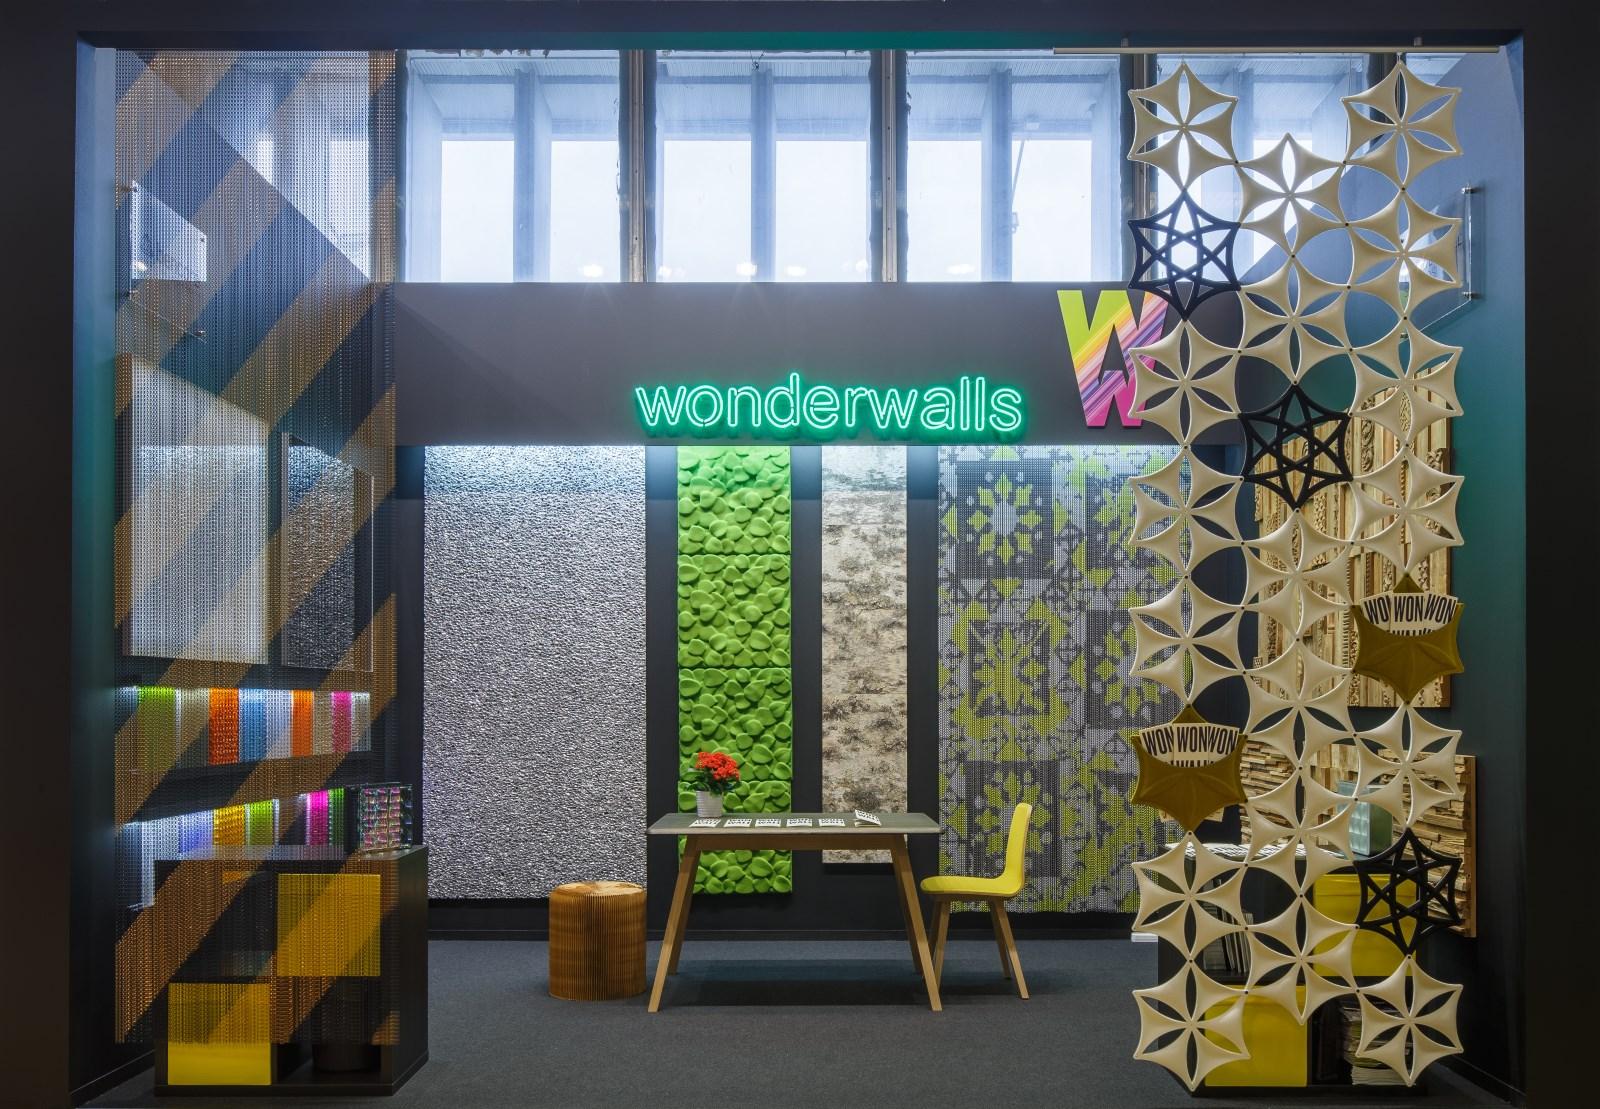 АРХ Москва 2016 - стенд компании WonderWalls